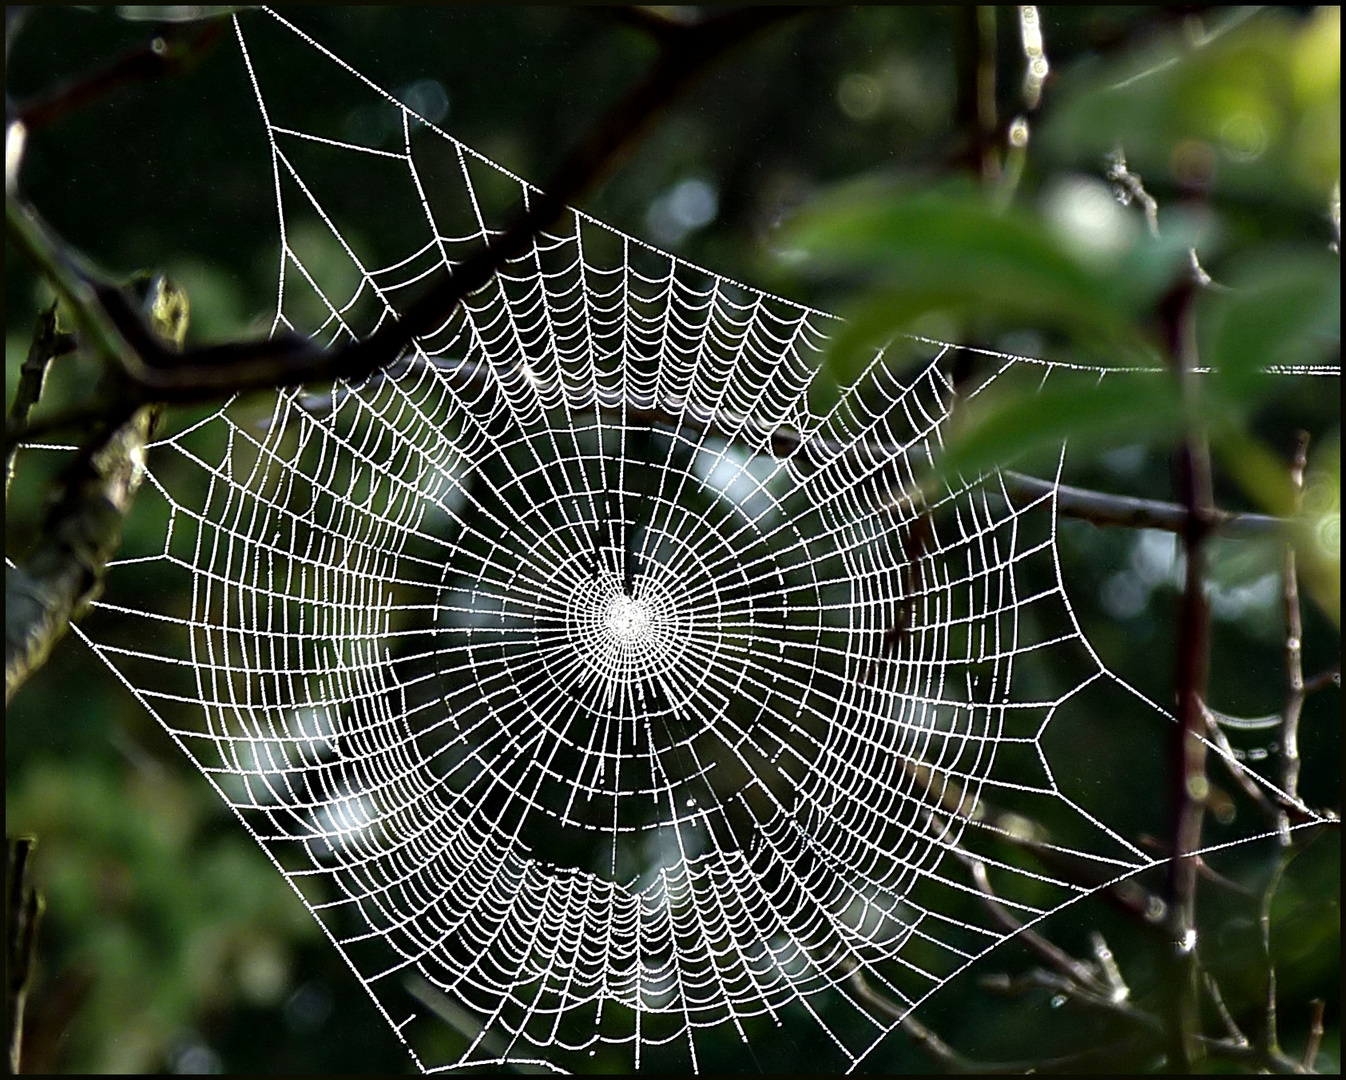 Nobel, Herr Zobel, sprach die Spinne und verschwand.